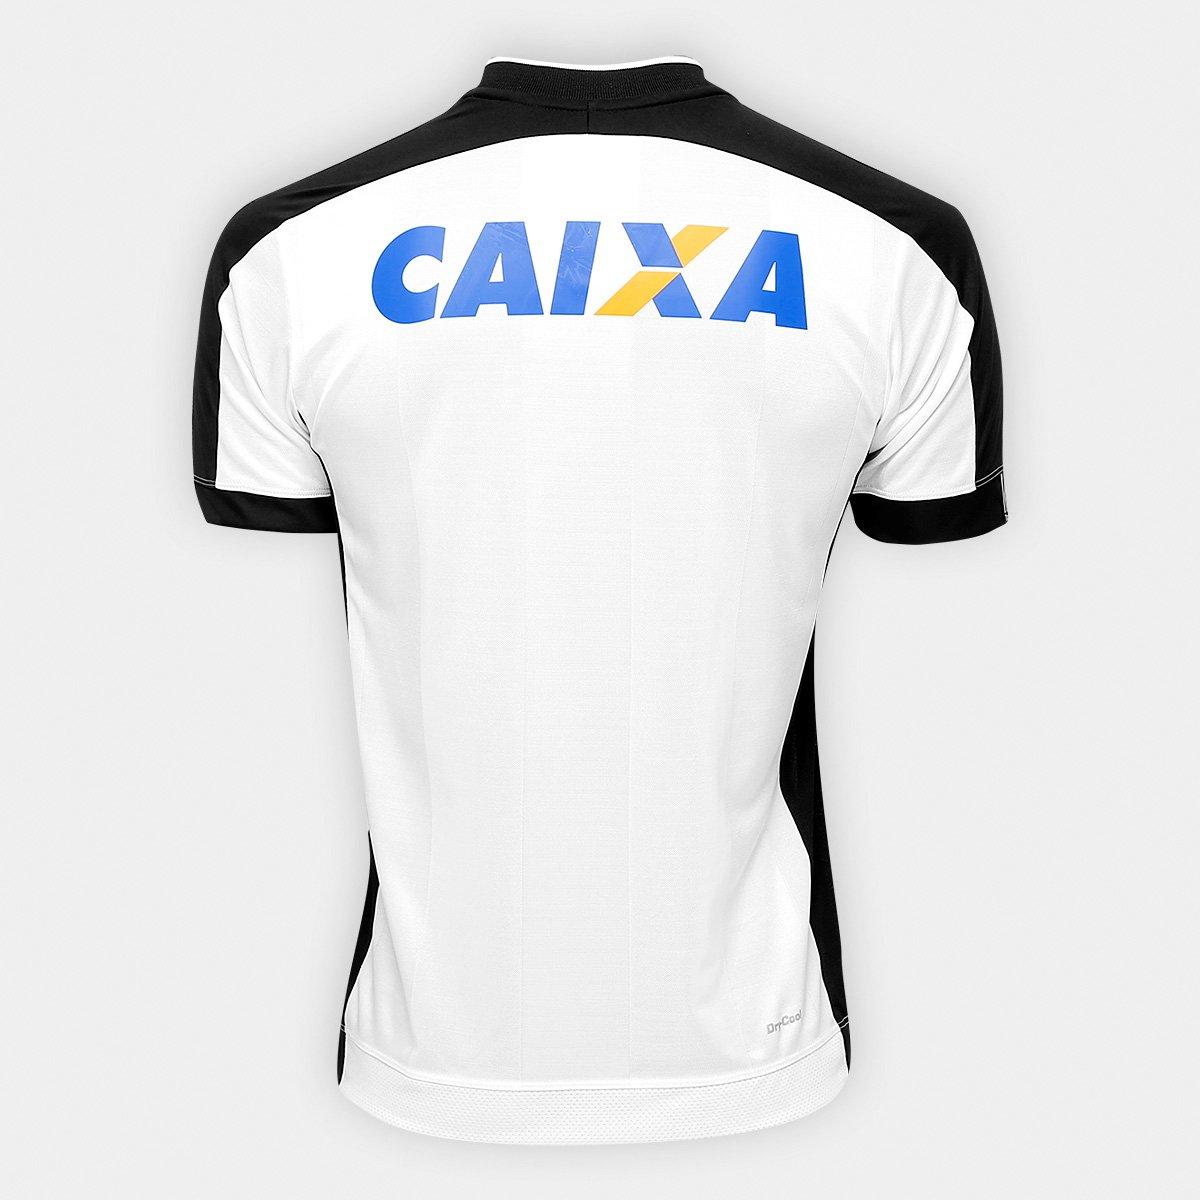 Camisa Botafogo III 17 18 s n° - Torcedor Topper Masculina - Compre ... dcccedd9f96d0